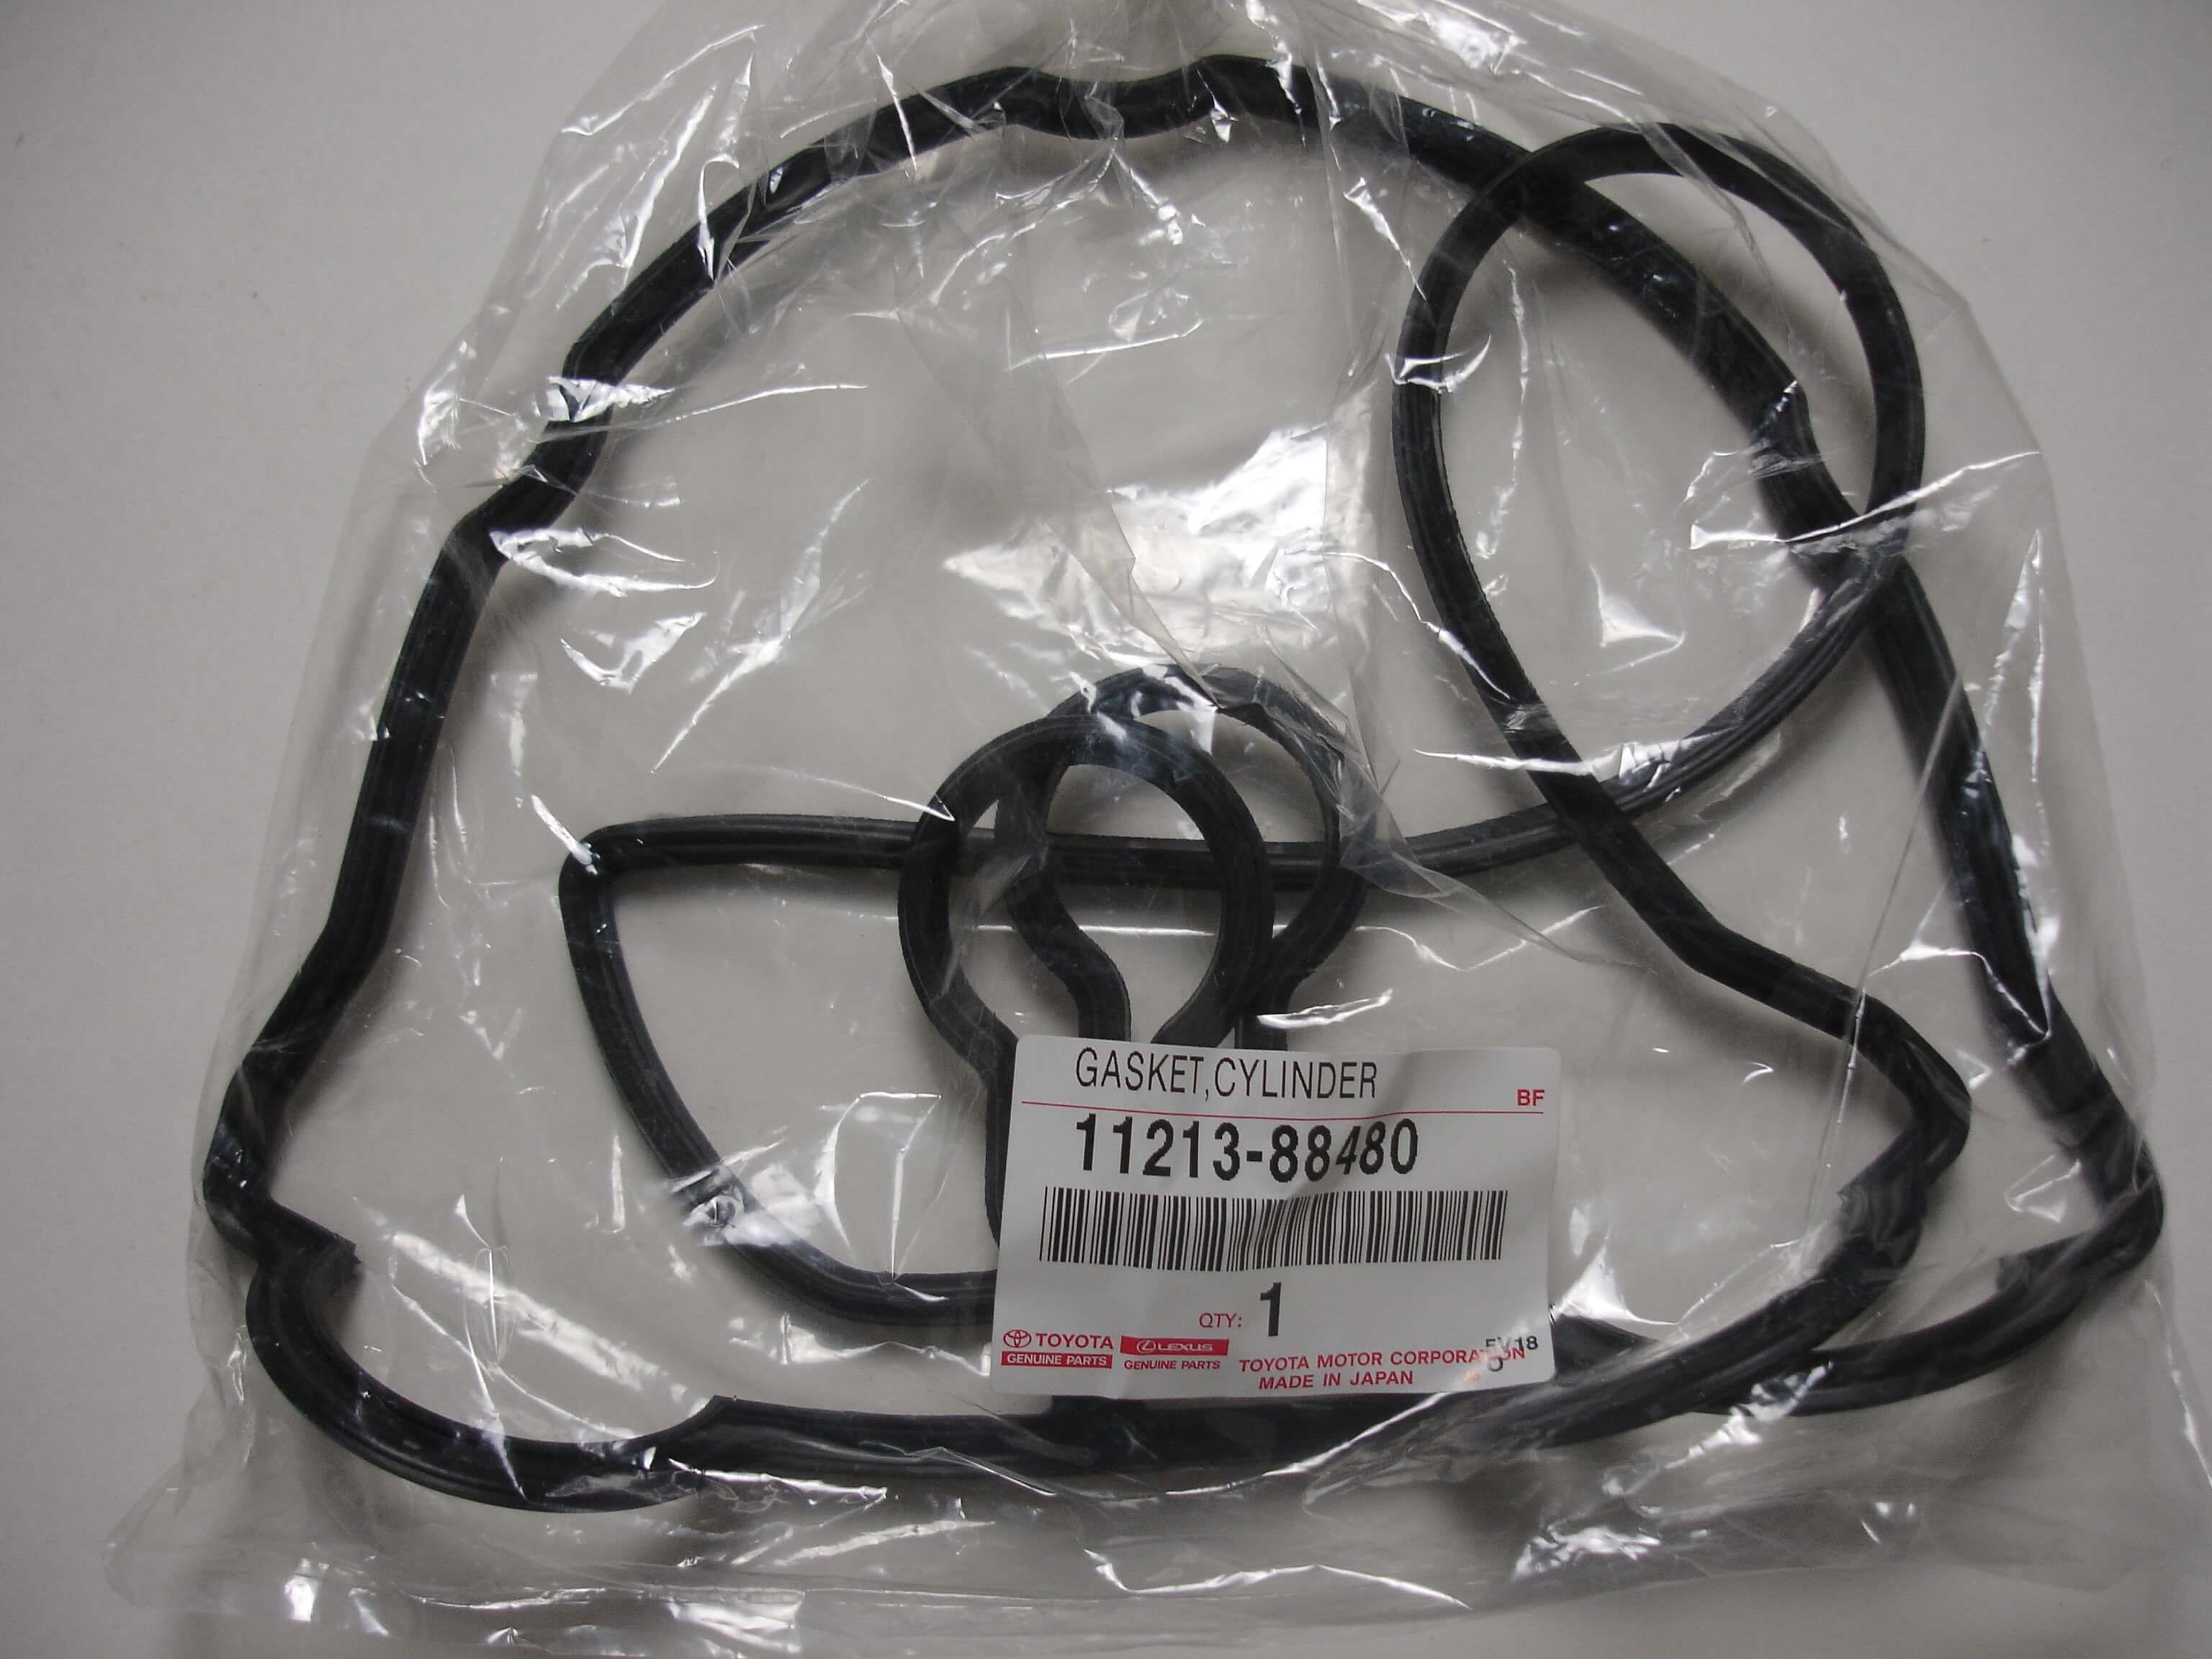 Toyota OEM 3S-GTE Gen 3 Valve Cover Gasket Set 11214-88480 11213-88480